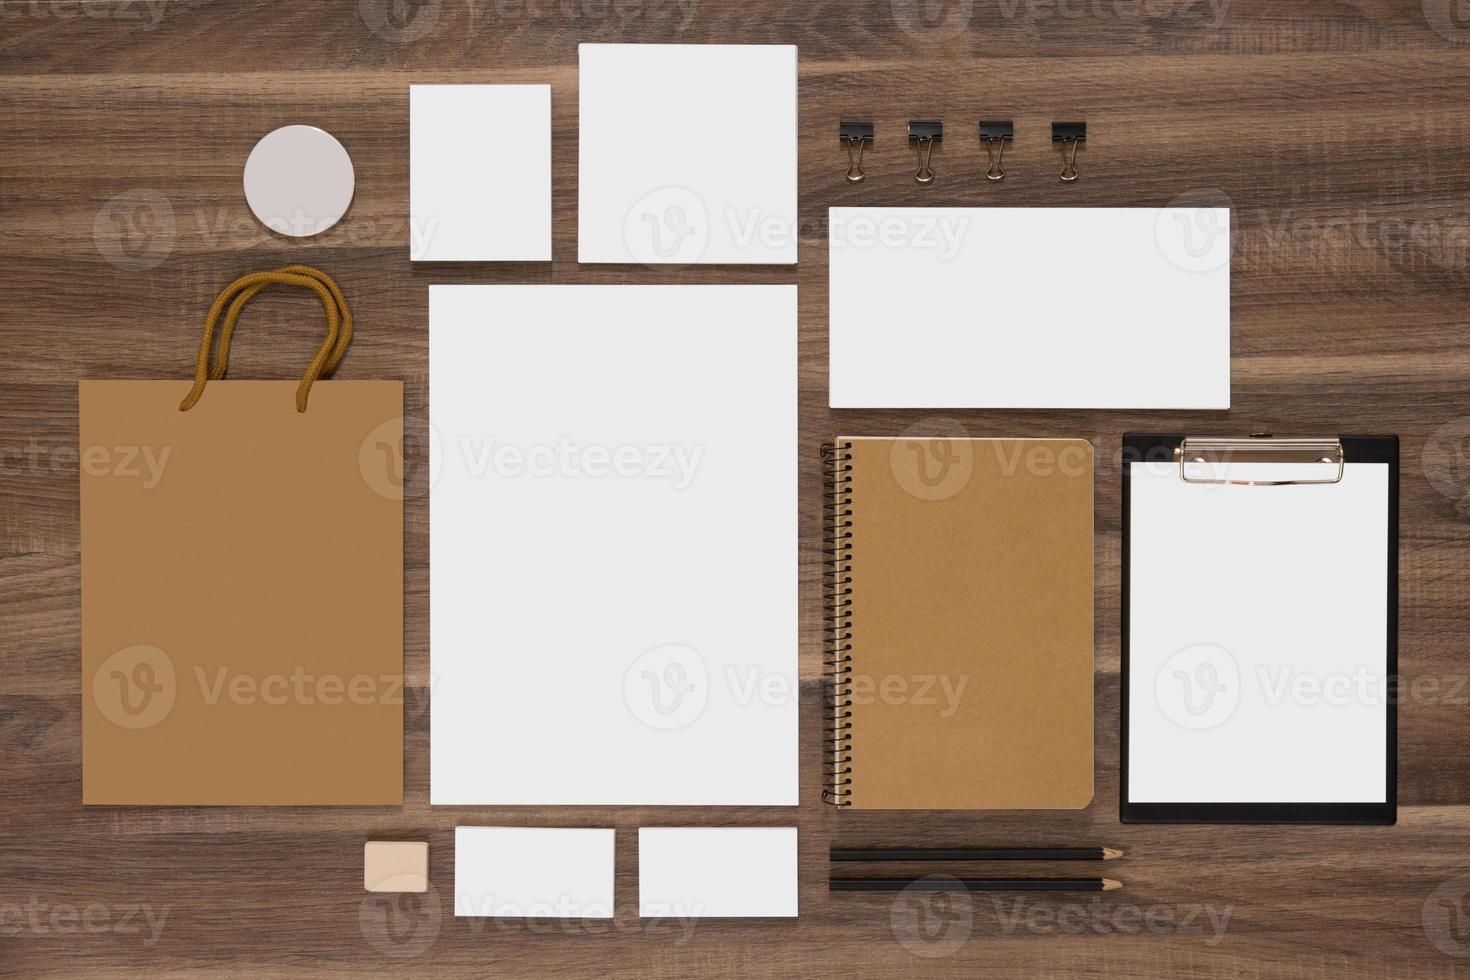 Modellgeschäftsvorlage mit Einkaufstasche und Notizblöcken foto